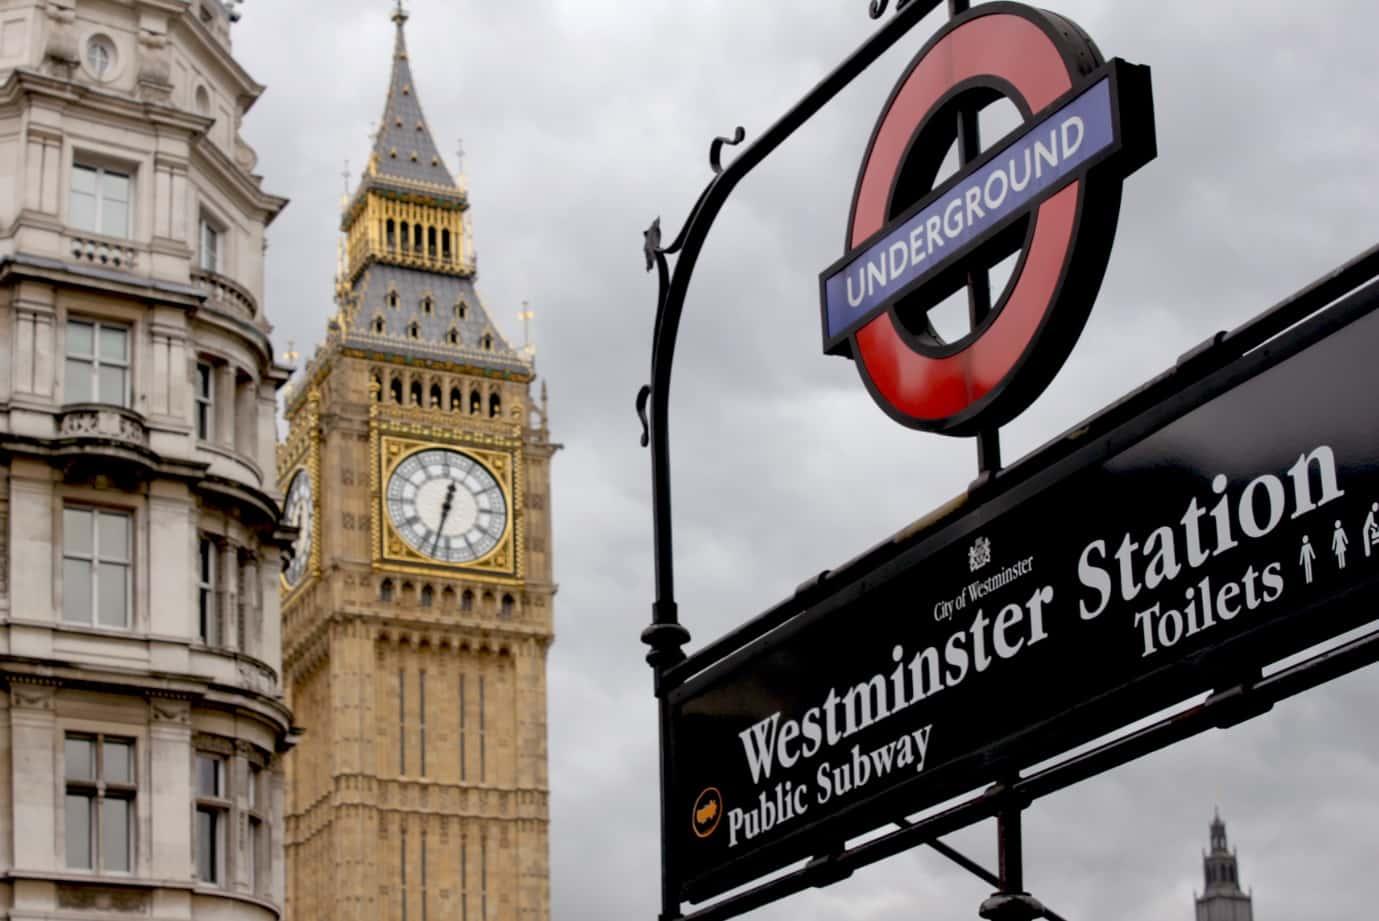 Atrakcje w Londynie – jak zwiedzić Londyn w 3 dni?